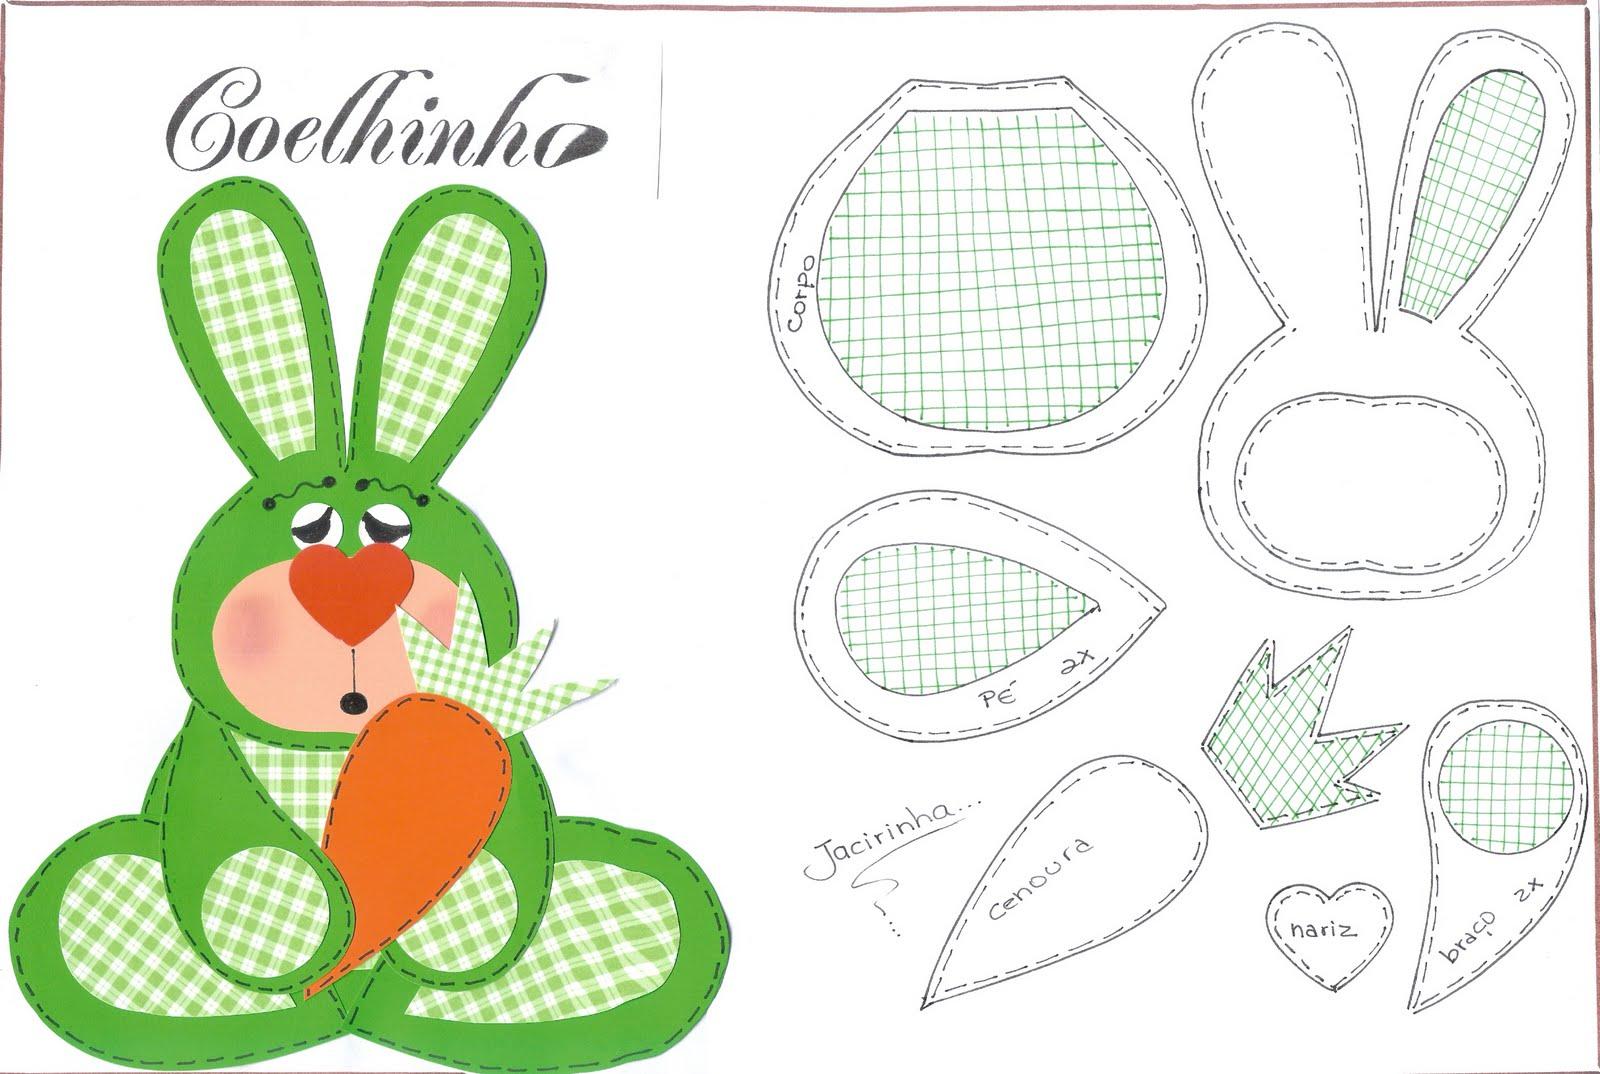 Moldes de coelhos para eva - moldes de coelhos para lembranças de